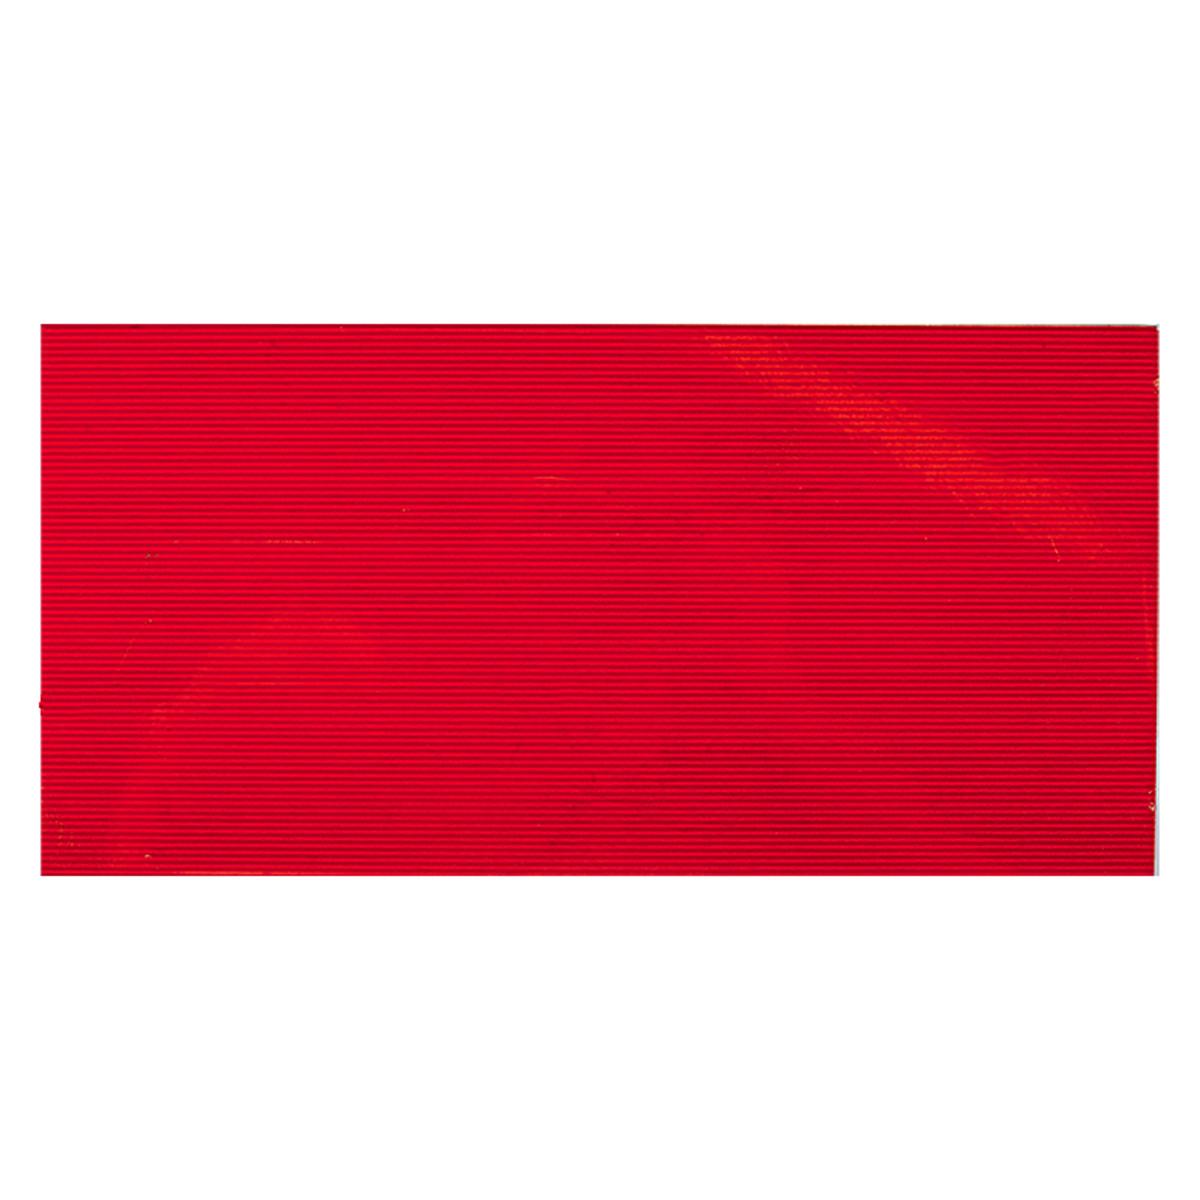 Плитка настенная Токио цвет красный 198х398 см 158 м2